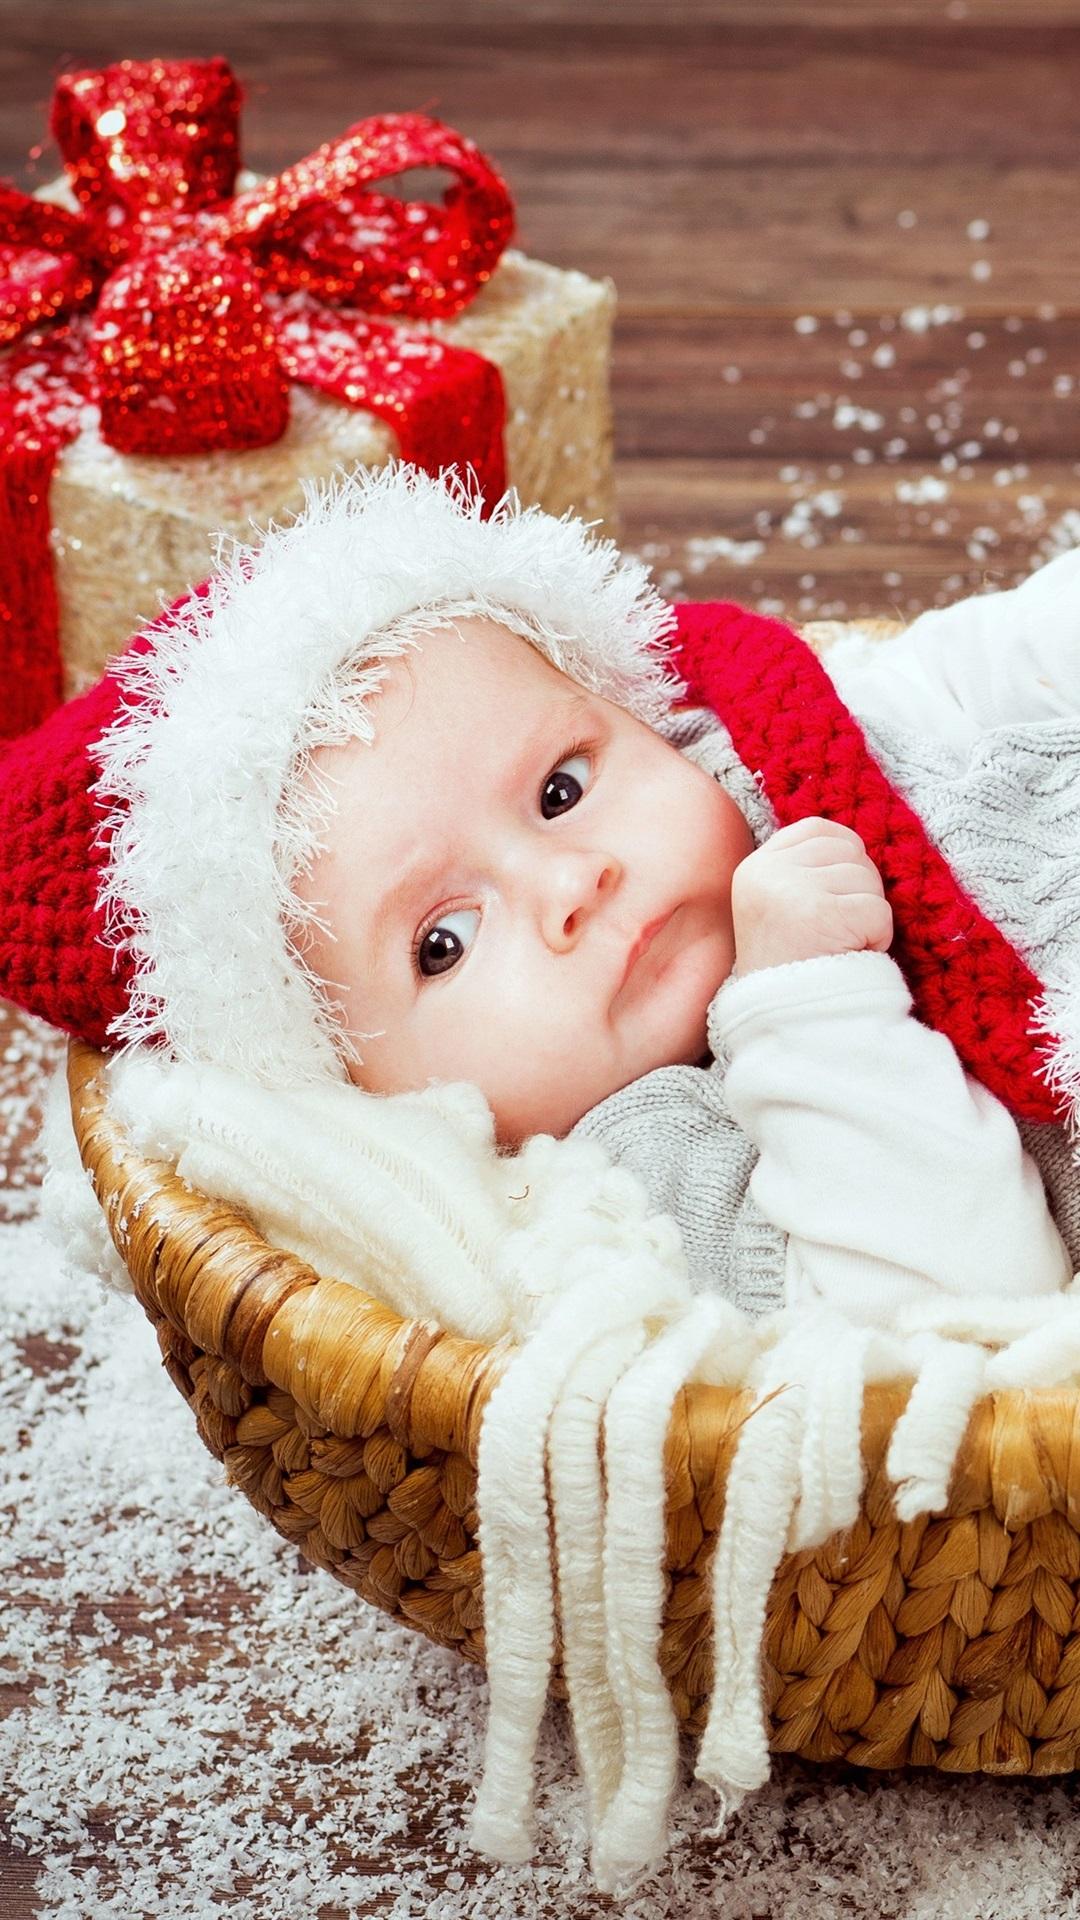 クリスマス ギフト バスケットでかわいい赤ちゃん 1080x19 Iphone 8 7 6 6s Plus 壁紙 背景 画像